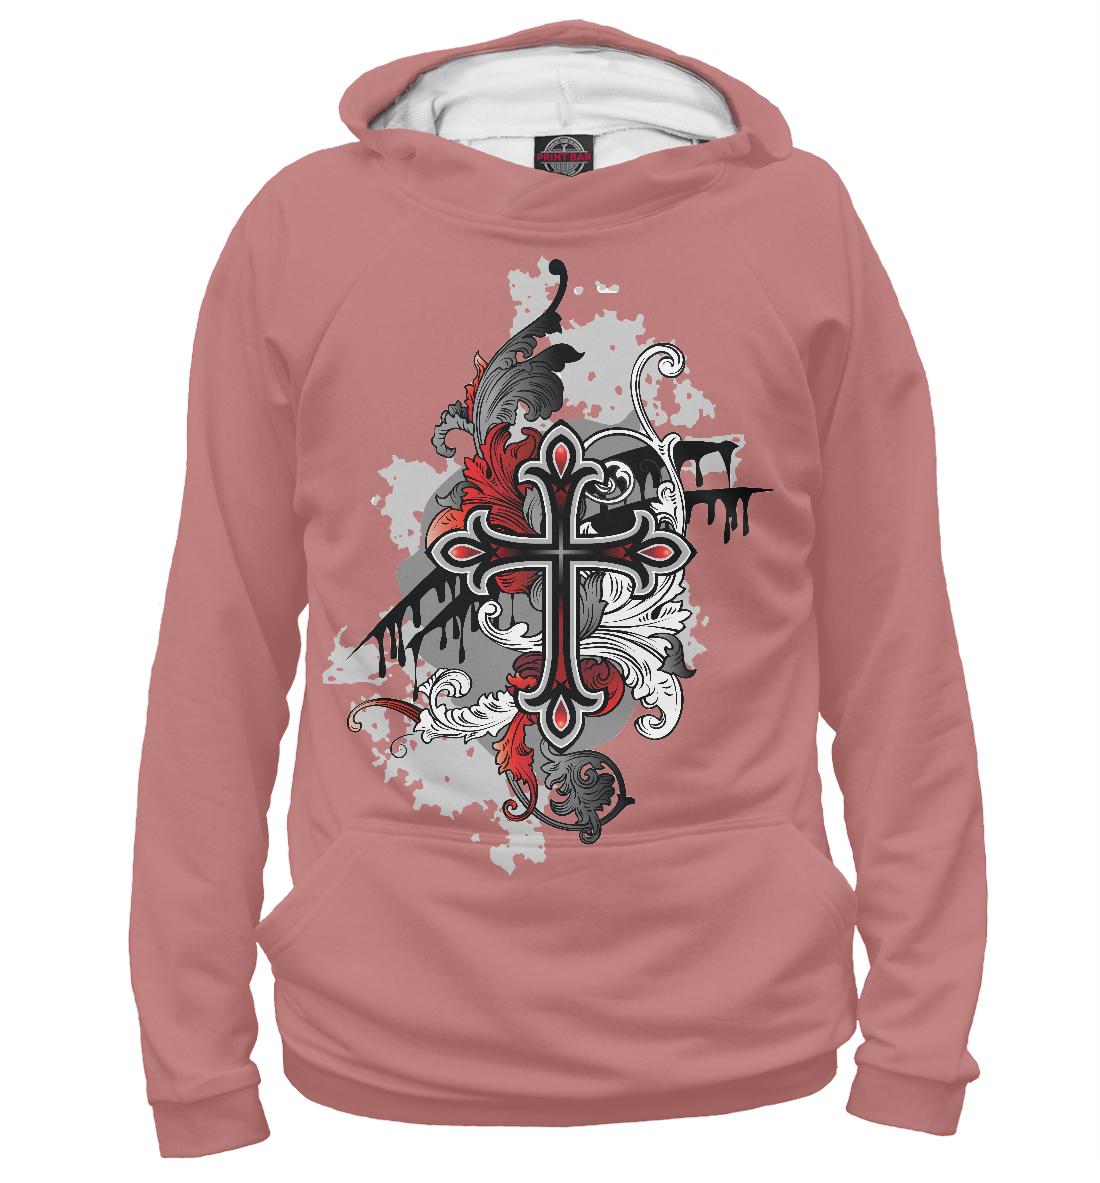 Купить Крест, Printbar, Худи, TAT-762116-hud-2